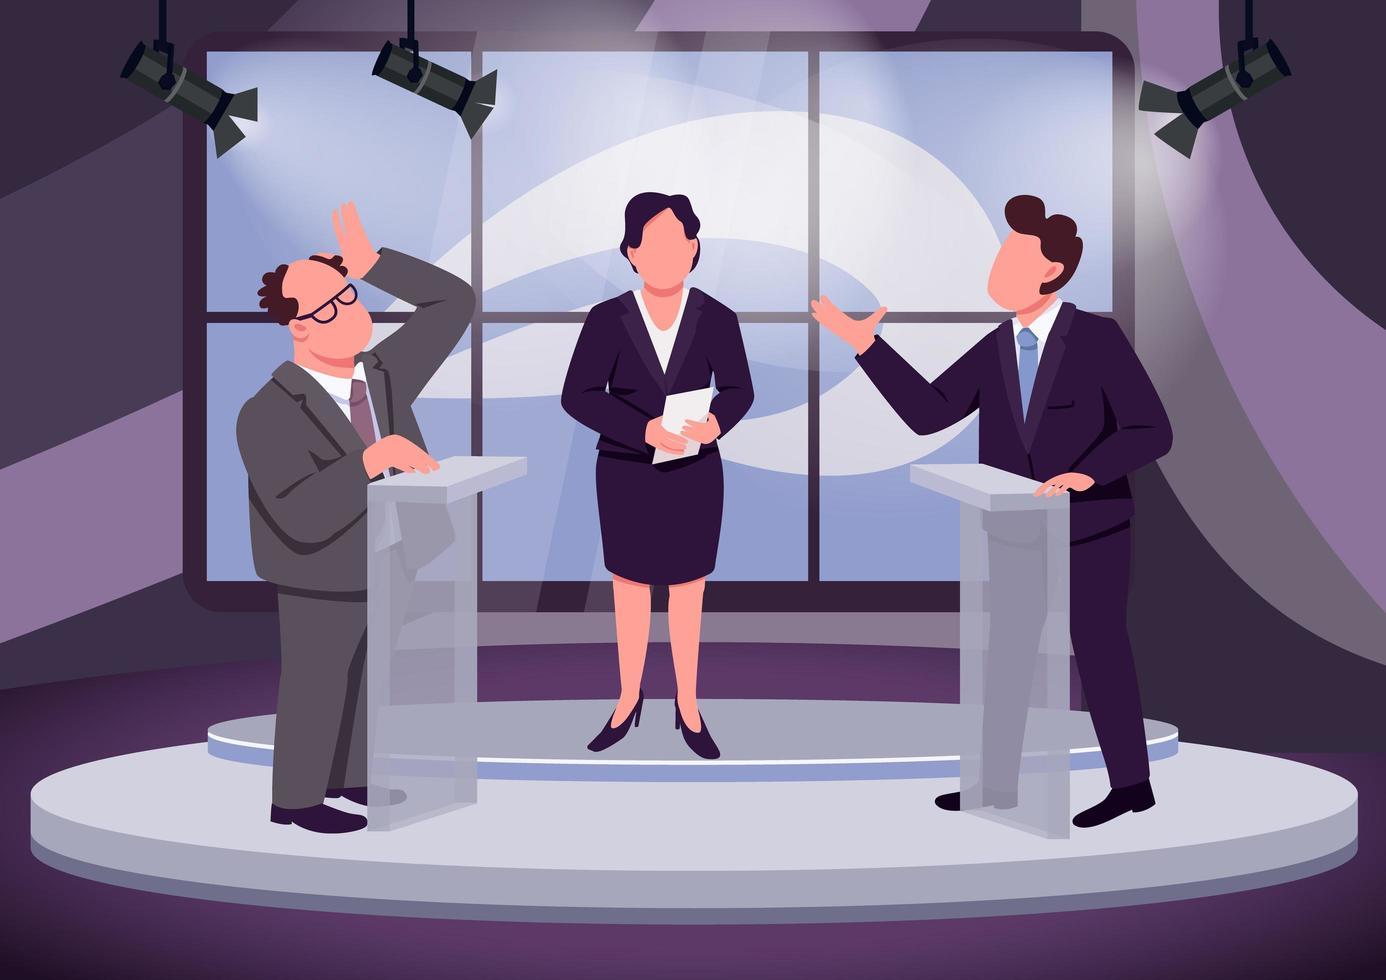 escena de debate televisivo vector